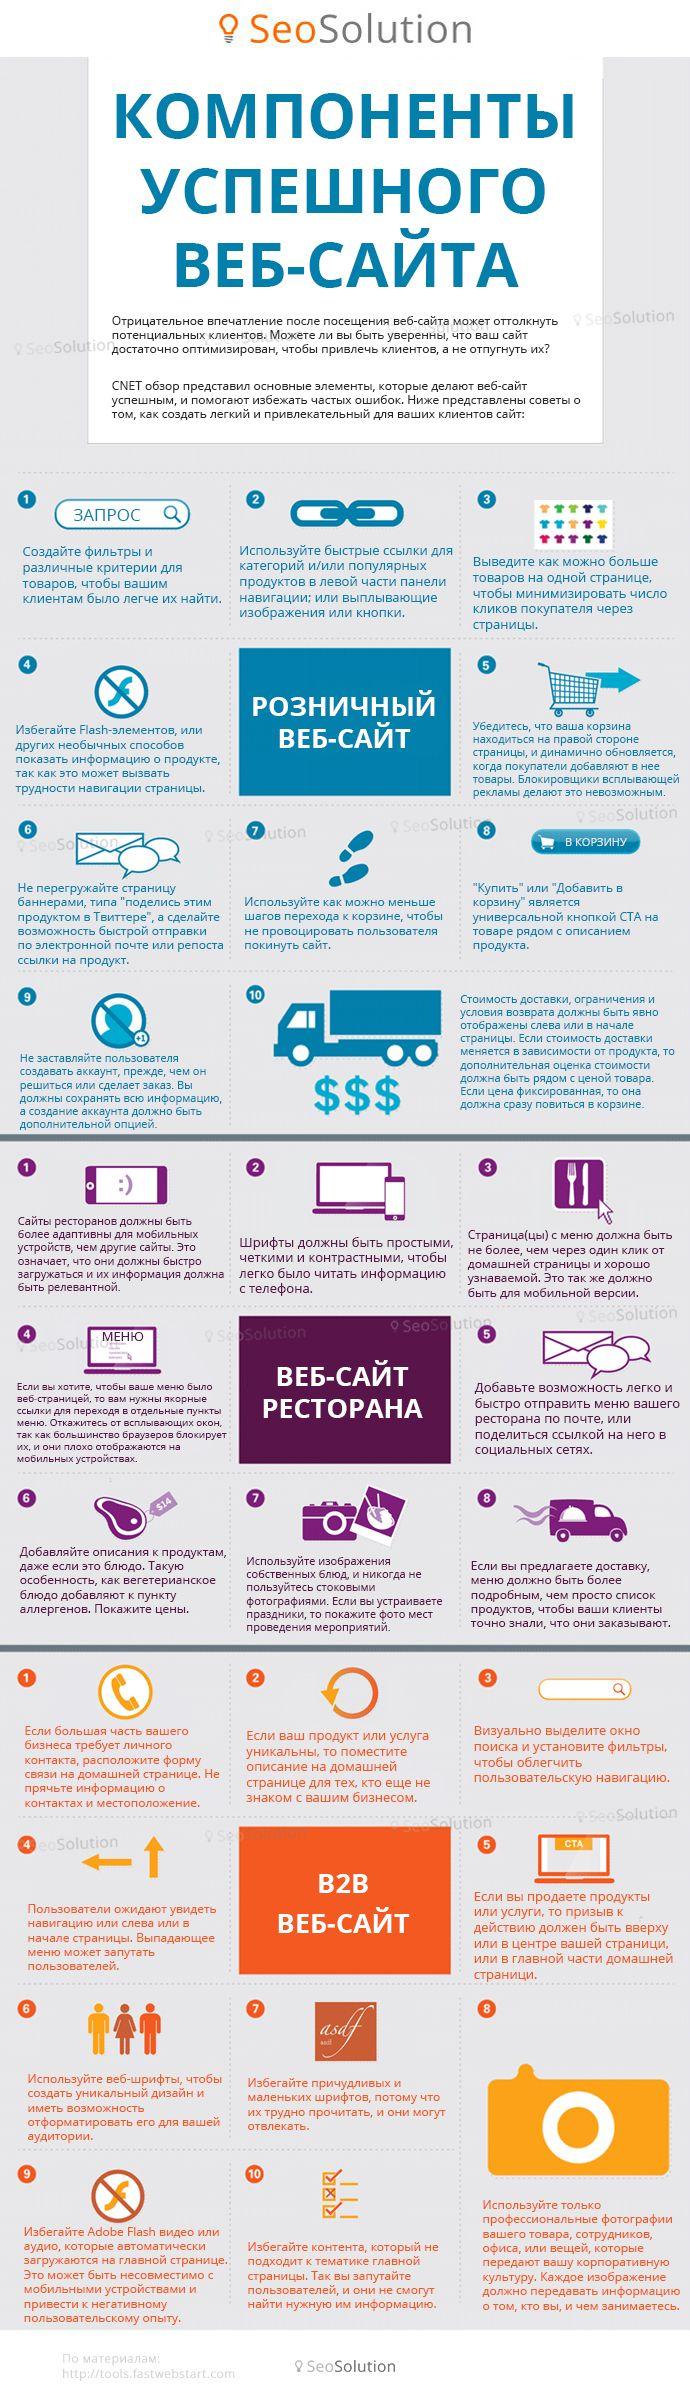 Инфографика: создаем успешный сайт https://seosolution.com.ru/blog/infographics/building-a-successful-website-infographics.html #SeoSolution #seo #smm #blog #marketing #web #it #kharkov #сео #смм #продвижение #бизнес #реклама #сайт #харьков #оптимизация